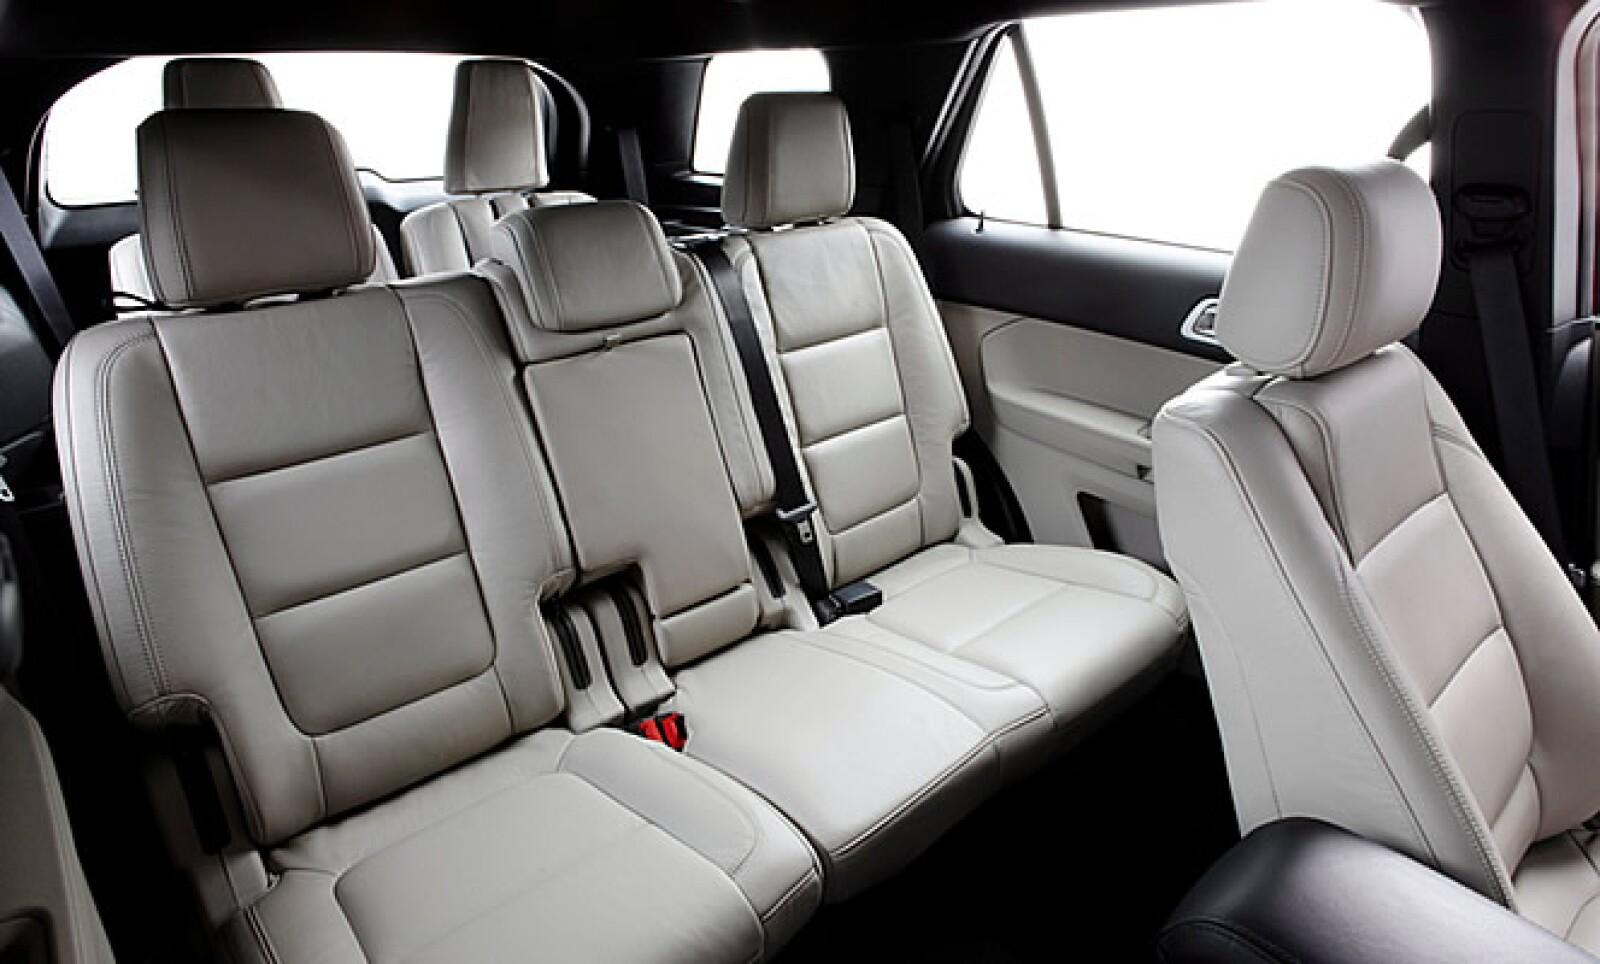 Ford implementa por primera vez en el mundo los primeros cinturones de seguridad inflables en la segunda hilera de asientos de la camioneta.